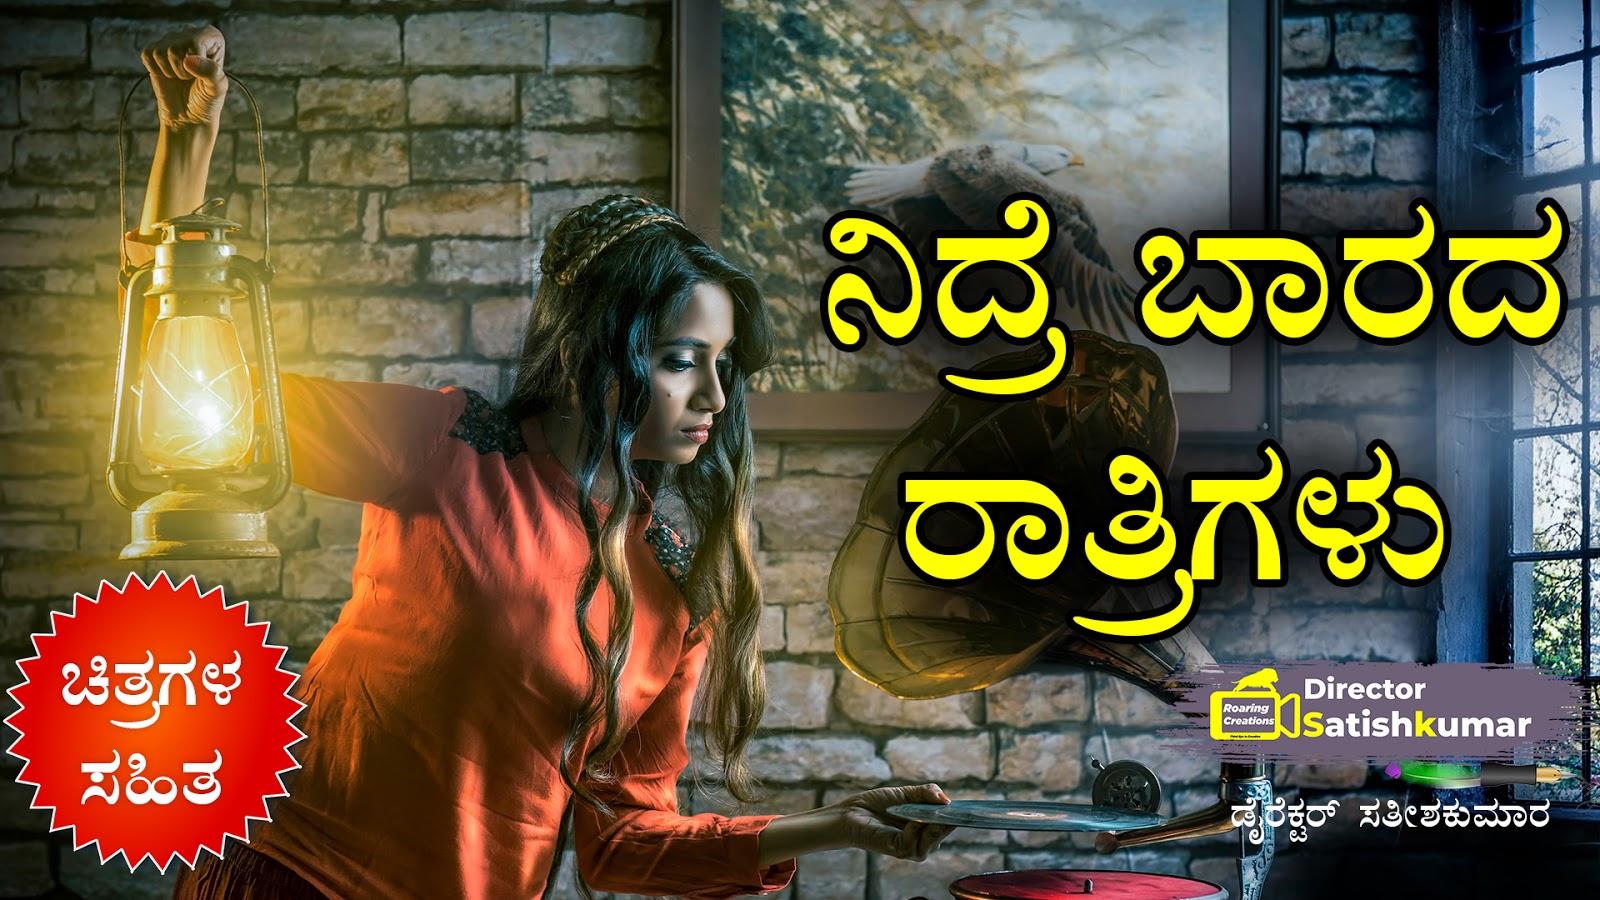 ನಿದ್ರೆ ಬಾರದ ರಾತ್ರಿಗಳು : Kannada Love Story - ಕನ್ನಡ ಕಥೆ ಪುಸ್ತಕಗಳು - Kannada Story Books -  E Books Kannada - Kannada Books